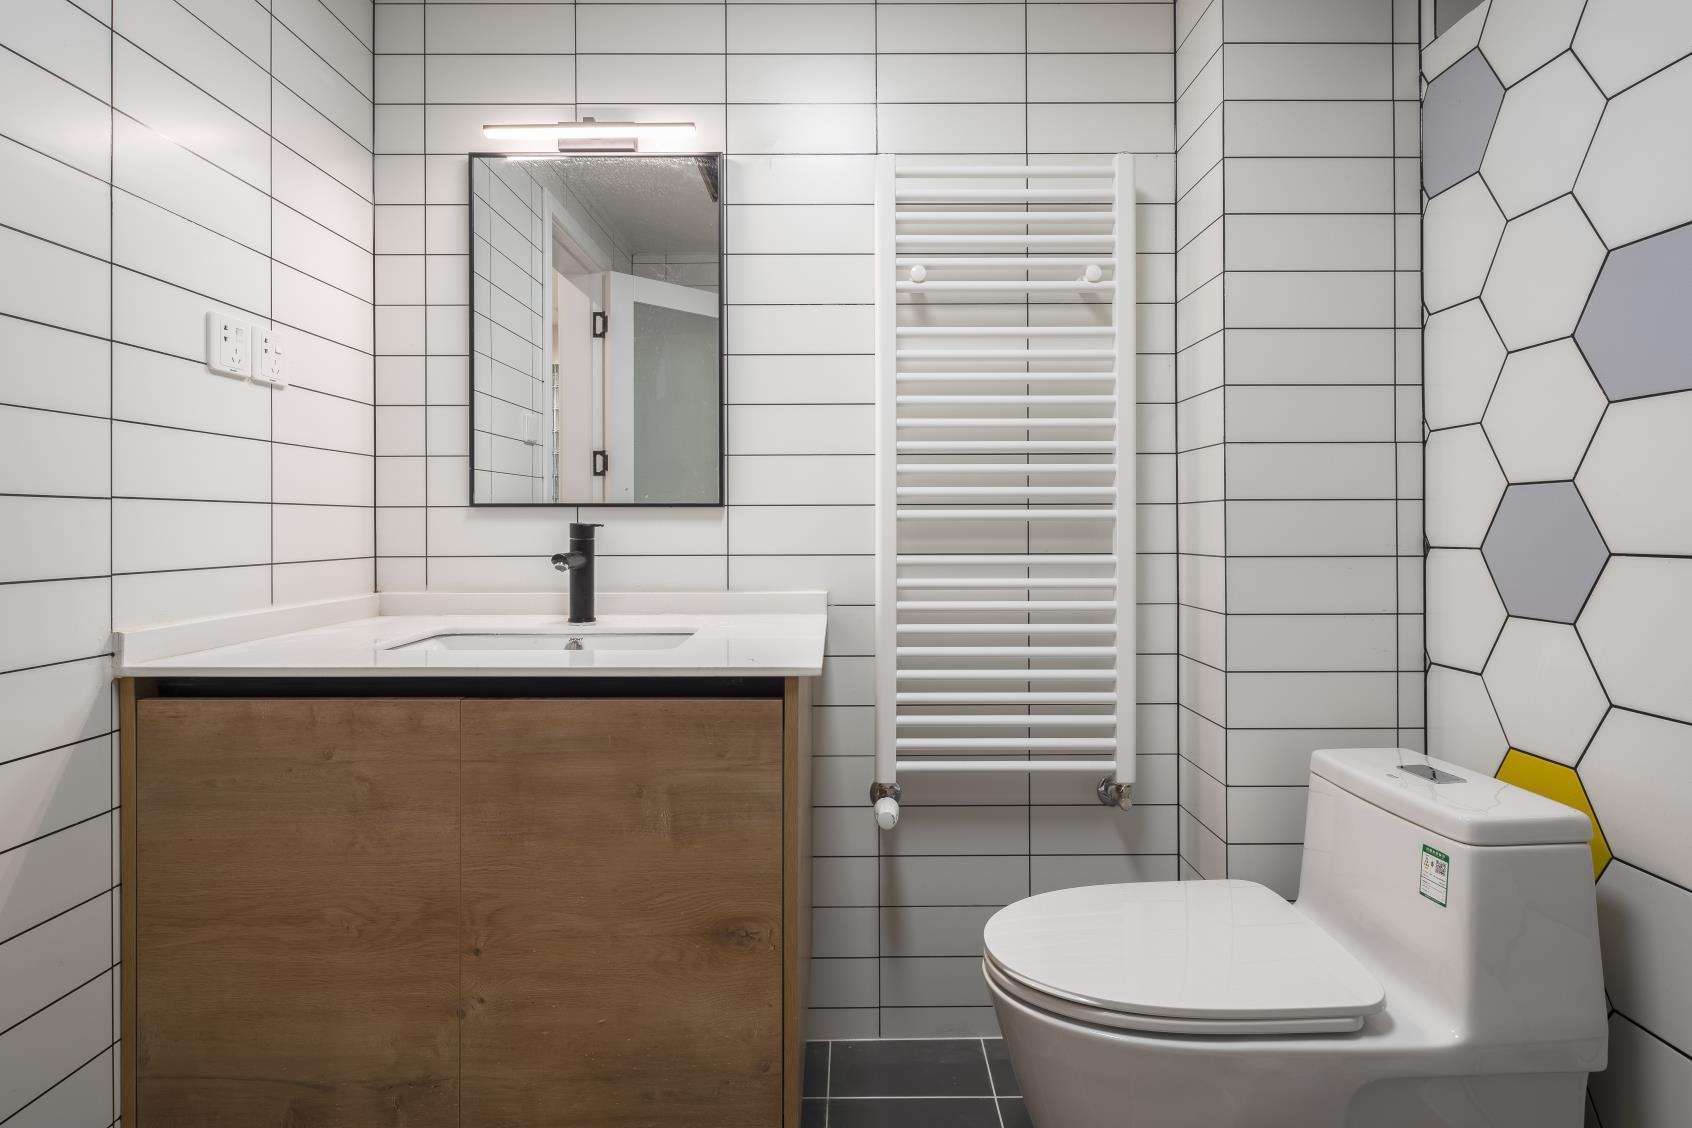 29㎡小户型卫生间装修效果图